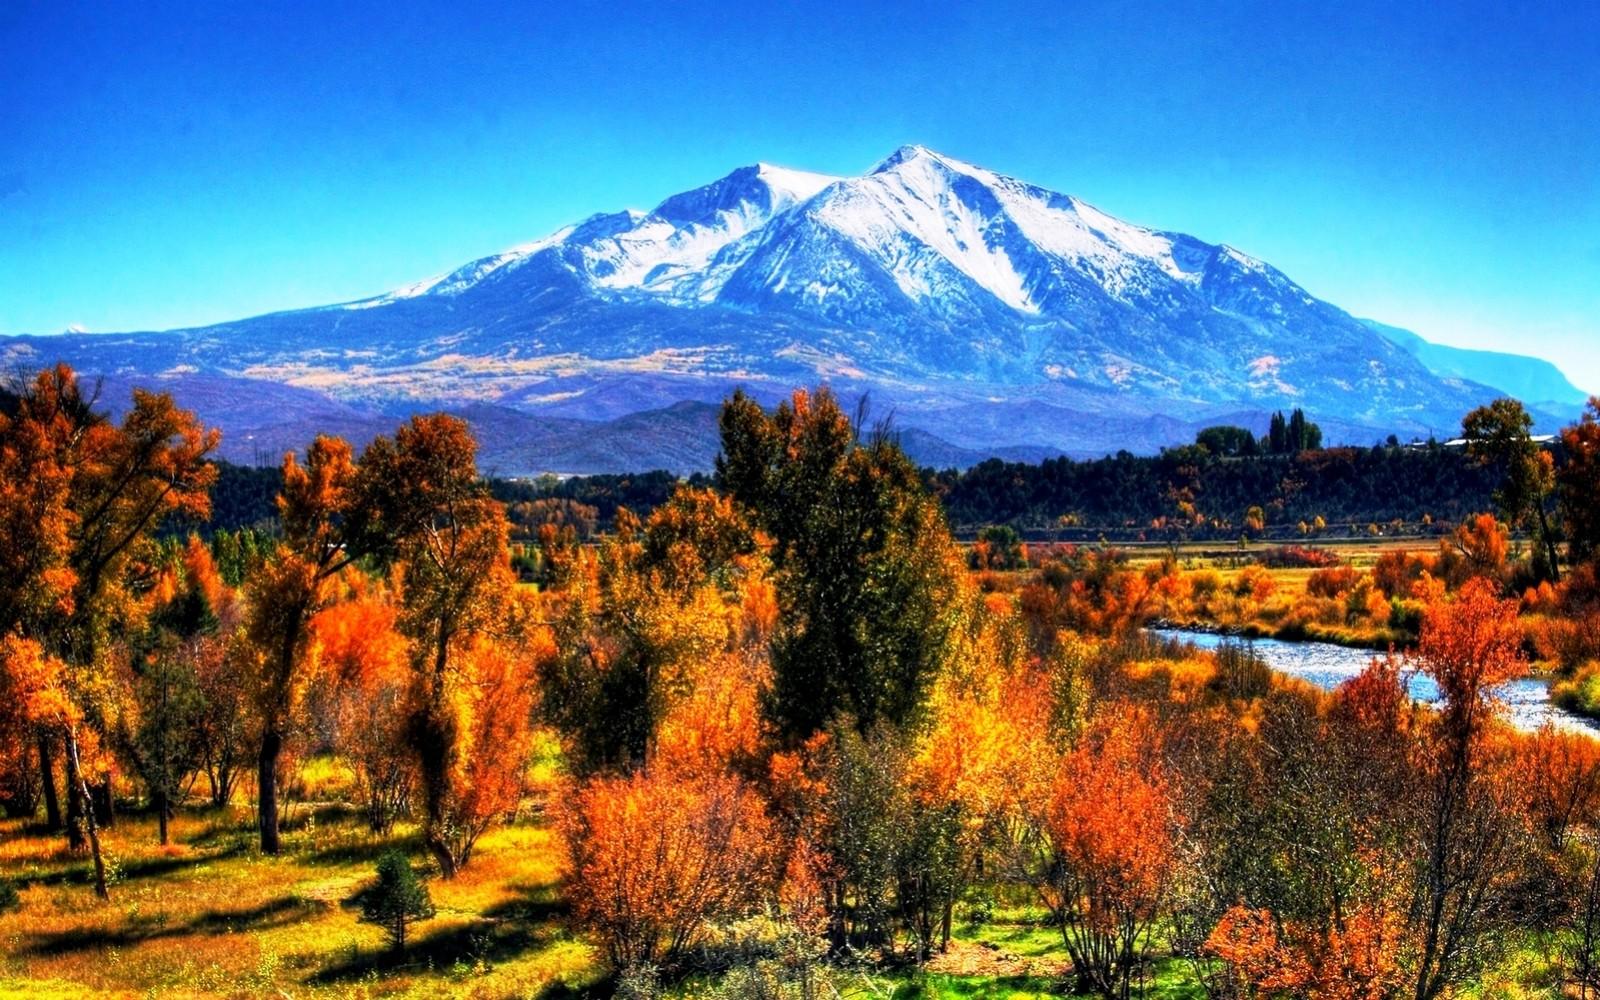 Fondo Escritorio Picos Montañas Nevadas: Fondos De Pantalla : Árboles, Paisaje, Otoño, Montañas